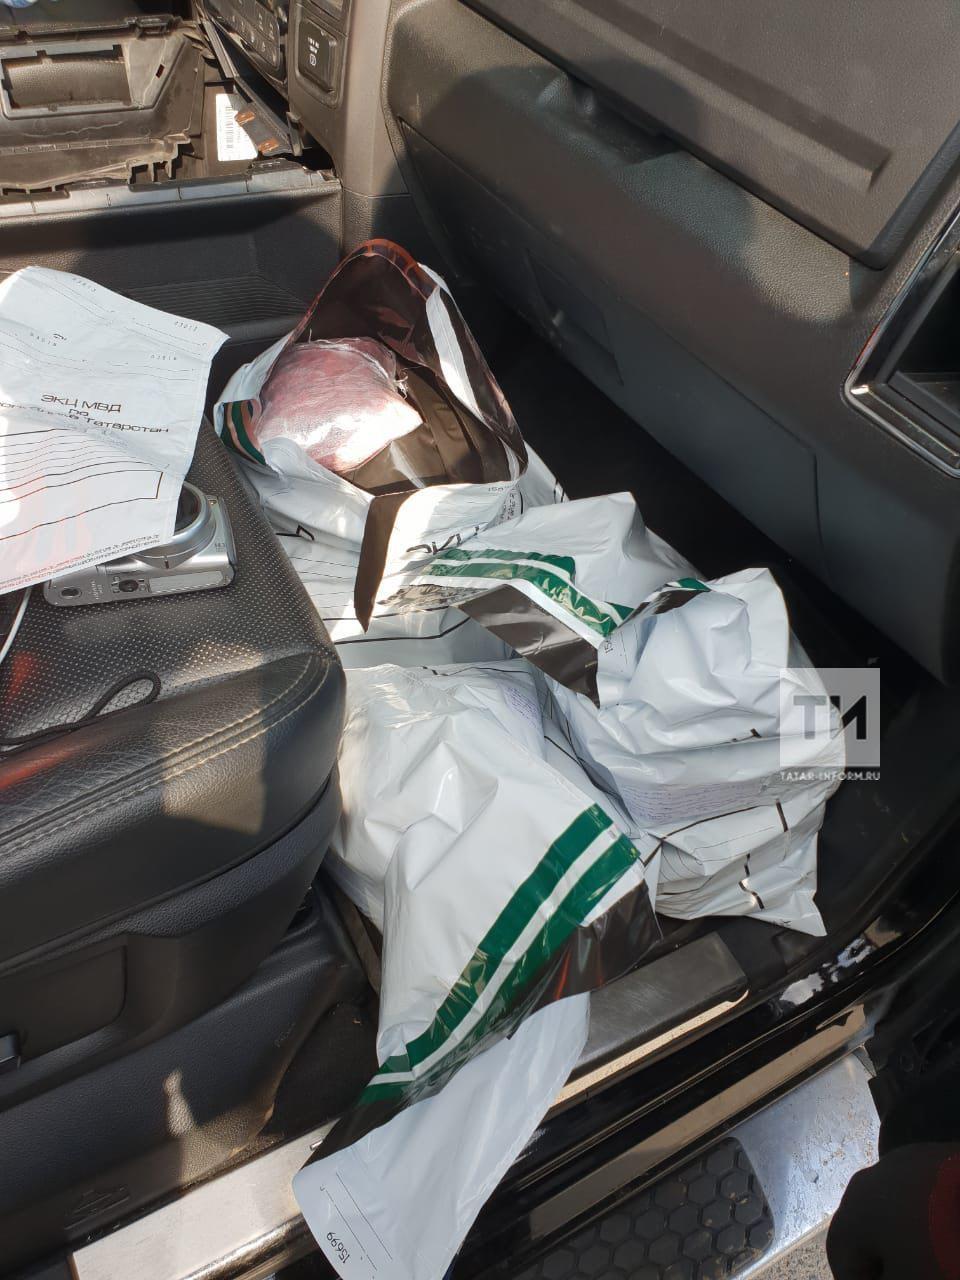 В Казани на переправе в легковом автомобиле обнаружили 120 килограммов наркотиков (ФОТО)